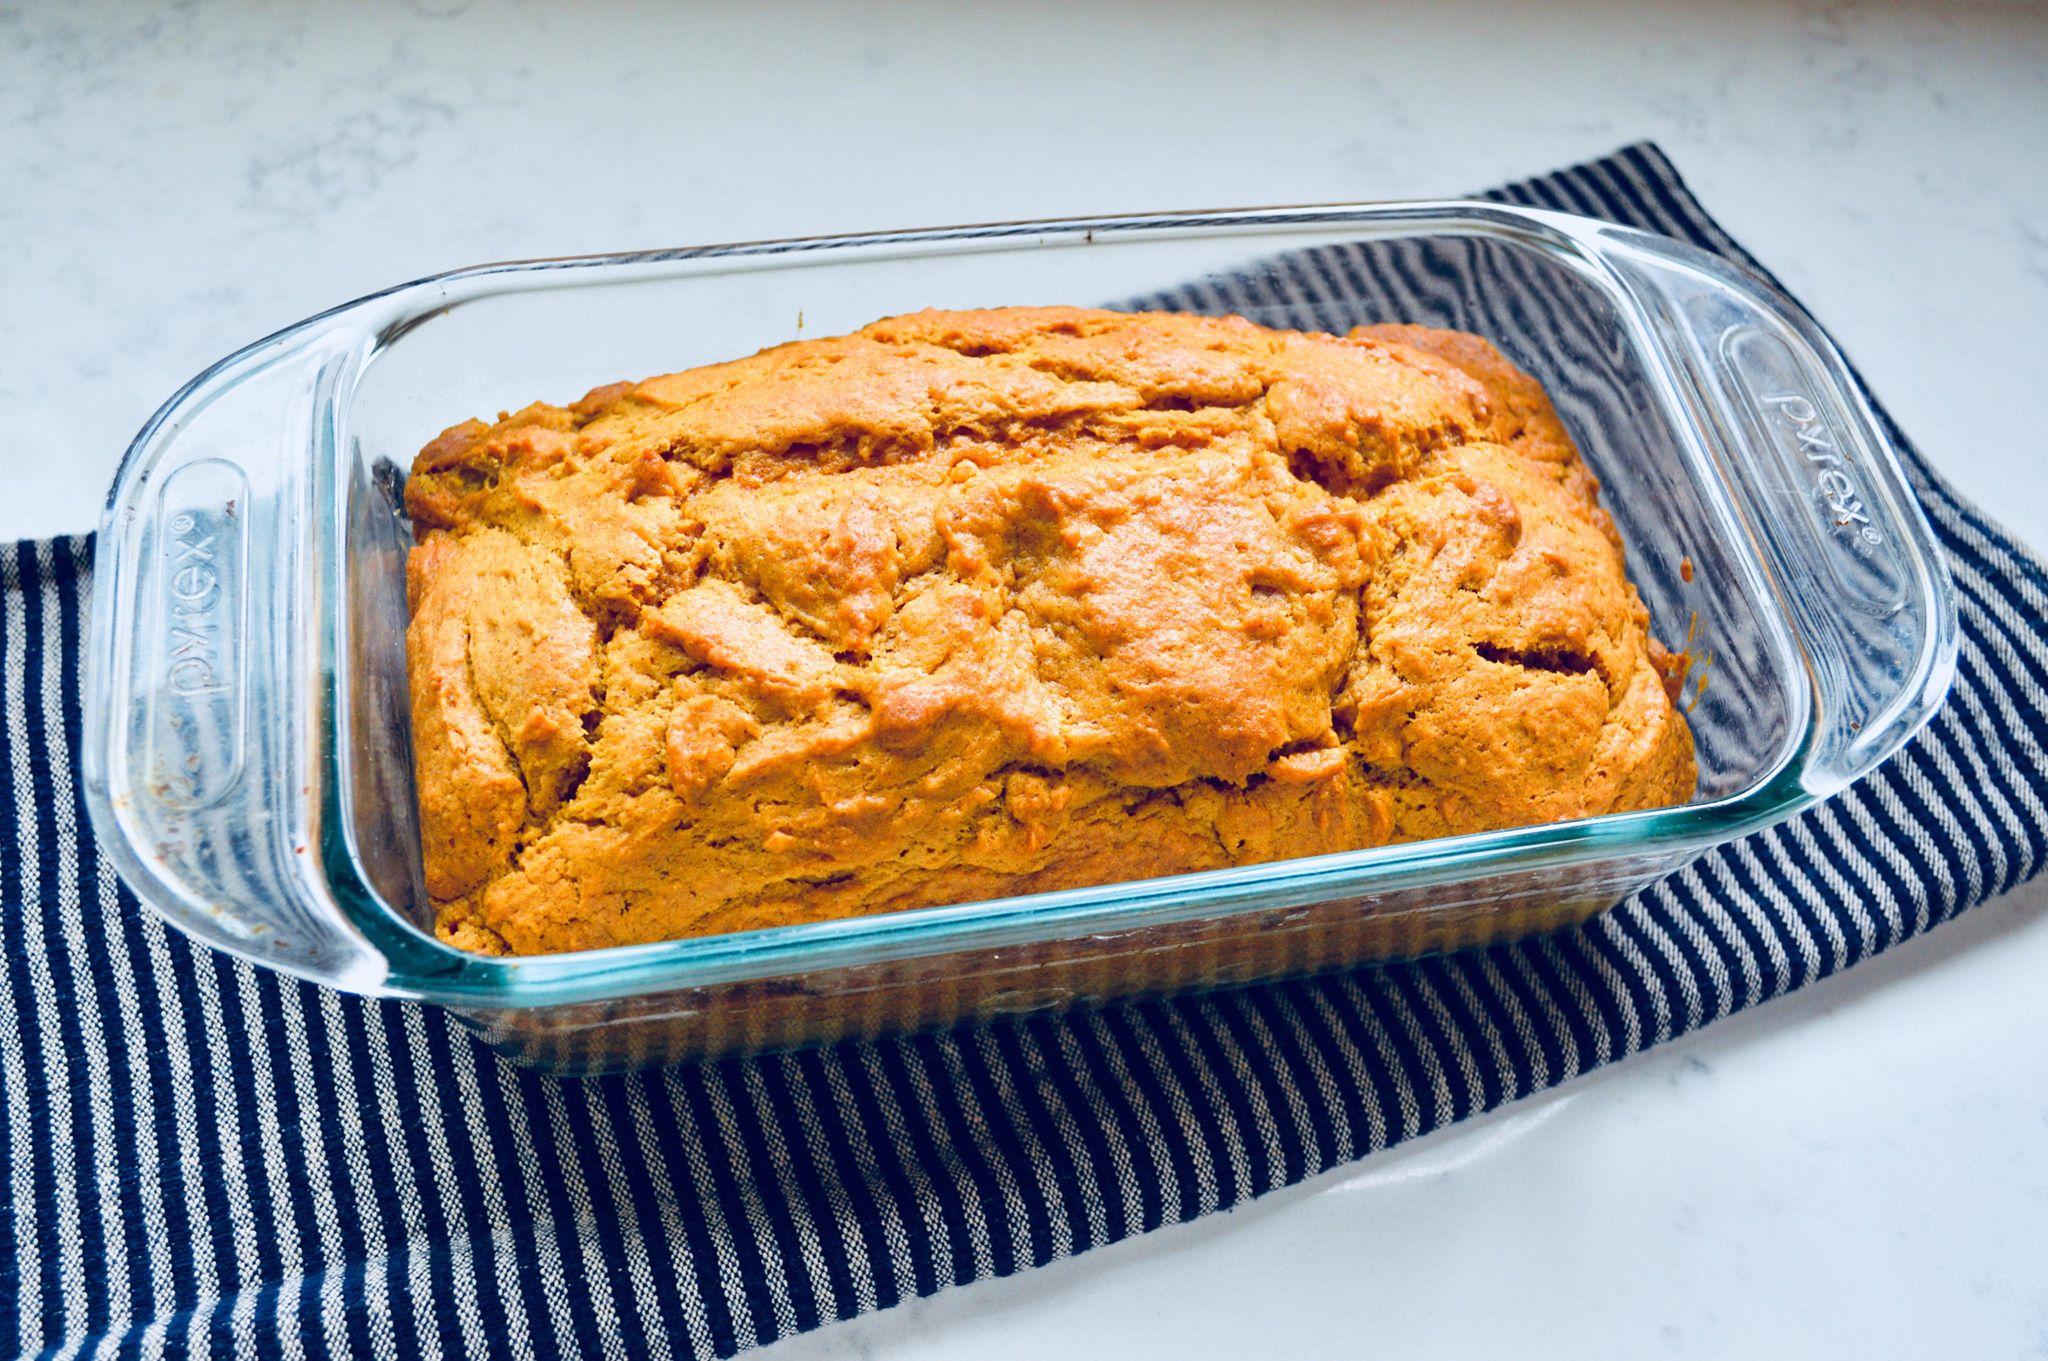 homemade pumpkin bread, kid baker, modern homesteader, organic life, spiced pumpkin bread, holiday dessert, seasonal eating, baking from scratch